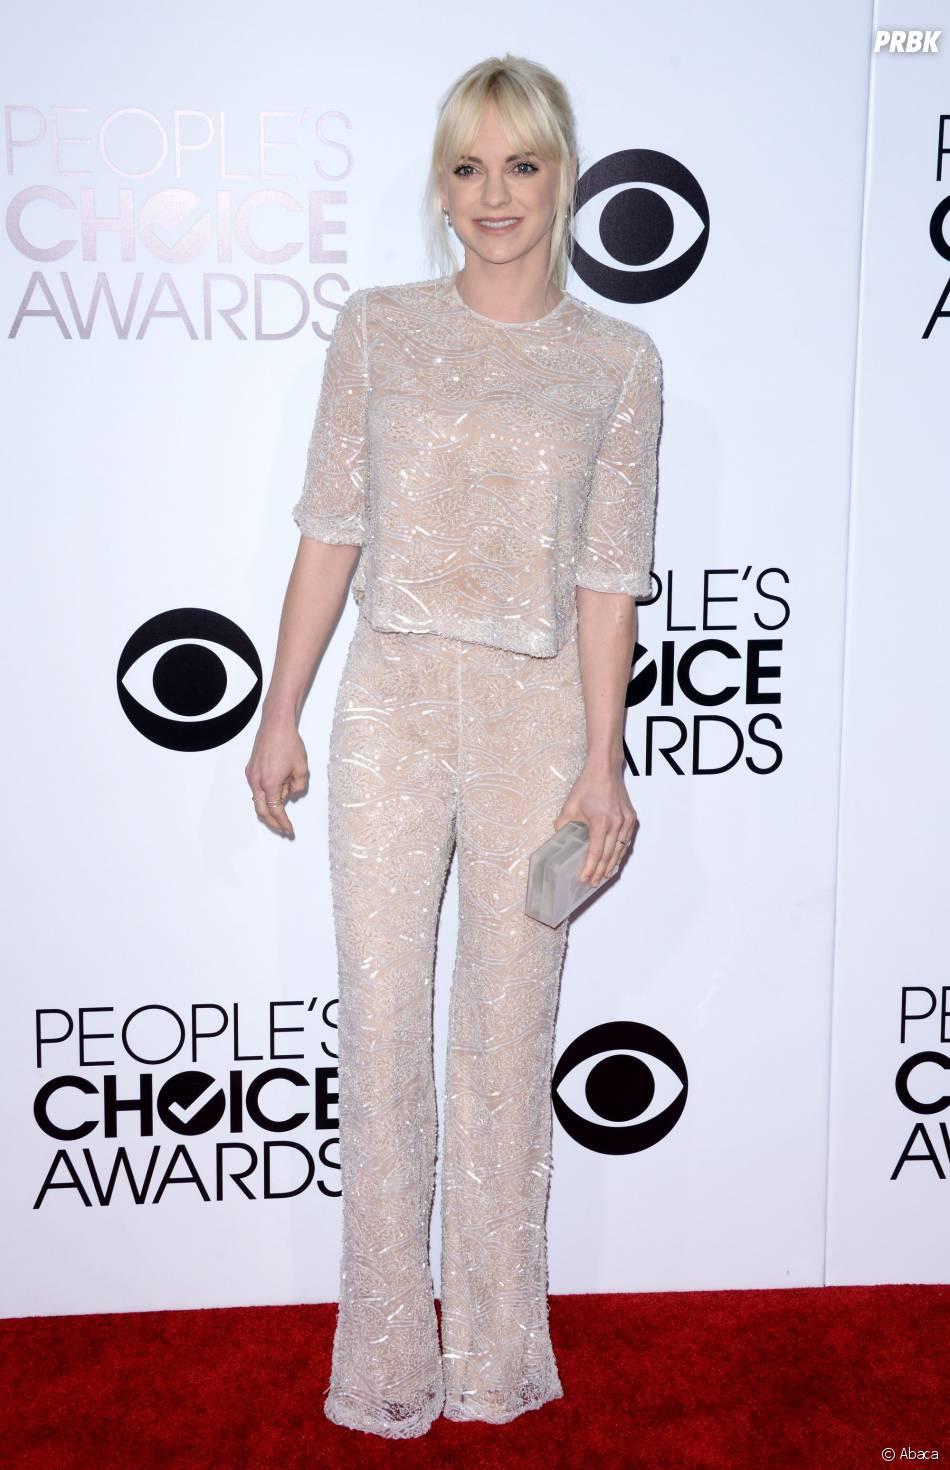 People's Choice Awards 2014 : Anna Faris sur le tapis-rouge le 8 janvier 2014 à Los Angeles